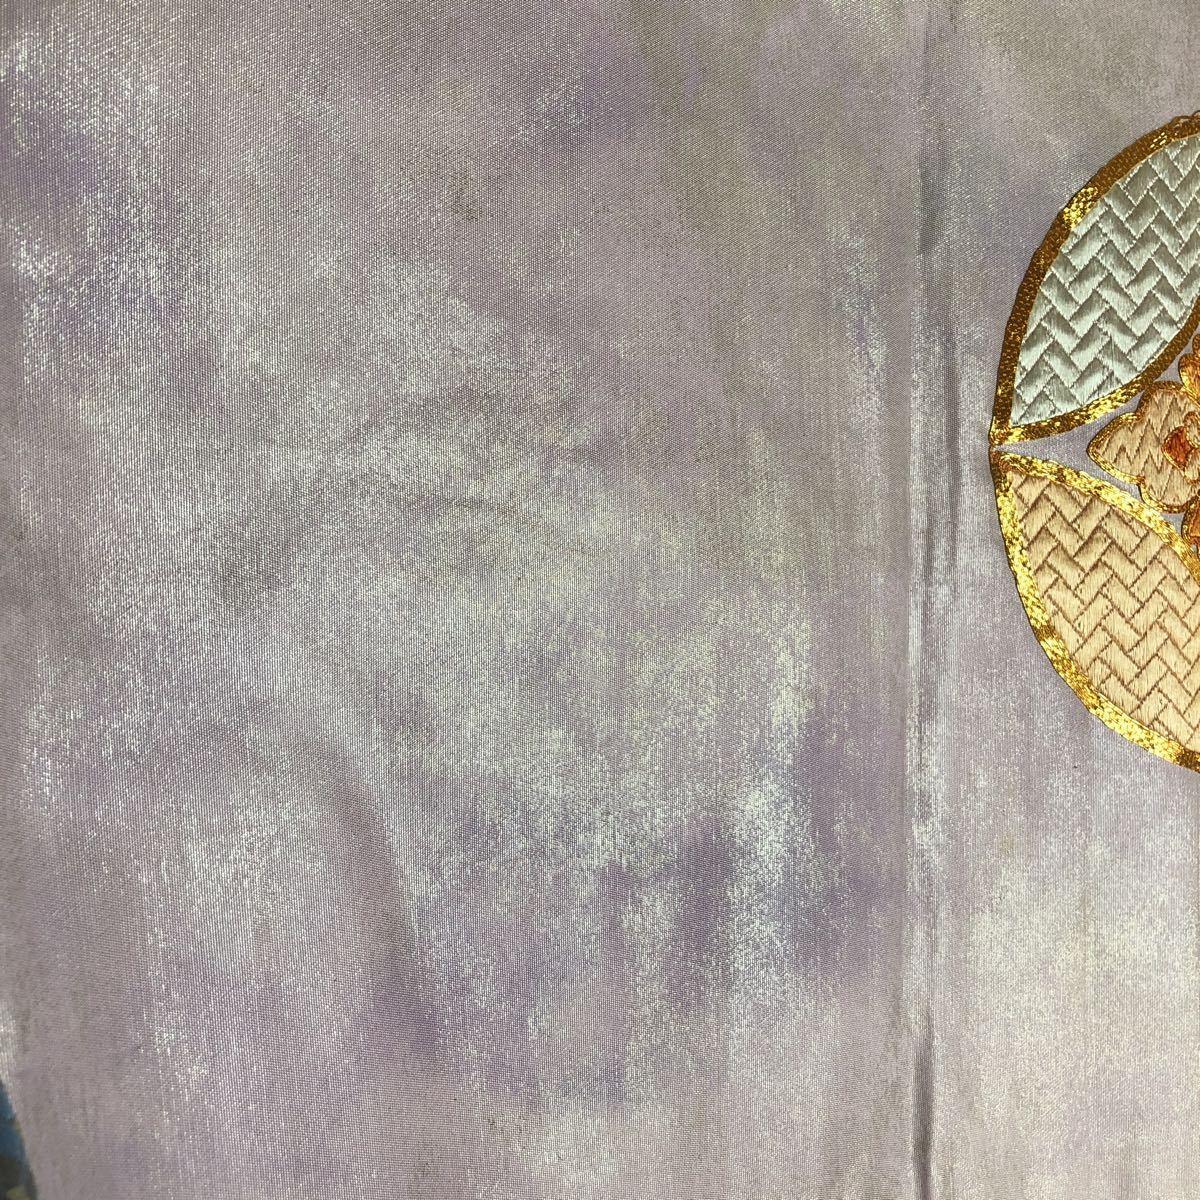 送料無料☆正絹ポイント柄名古屋帯和装 着物帯♪リメイク ♪巾約31cm長さ約353cm_画像4